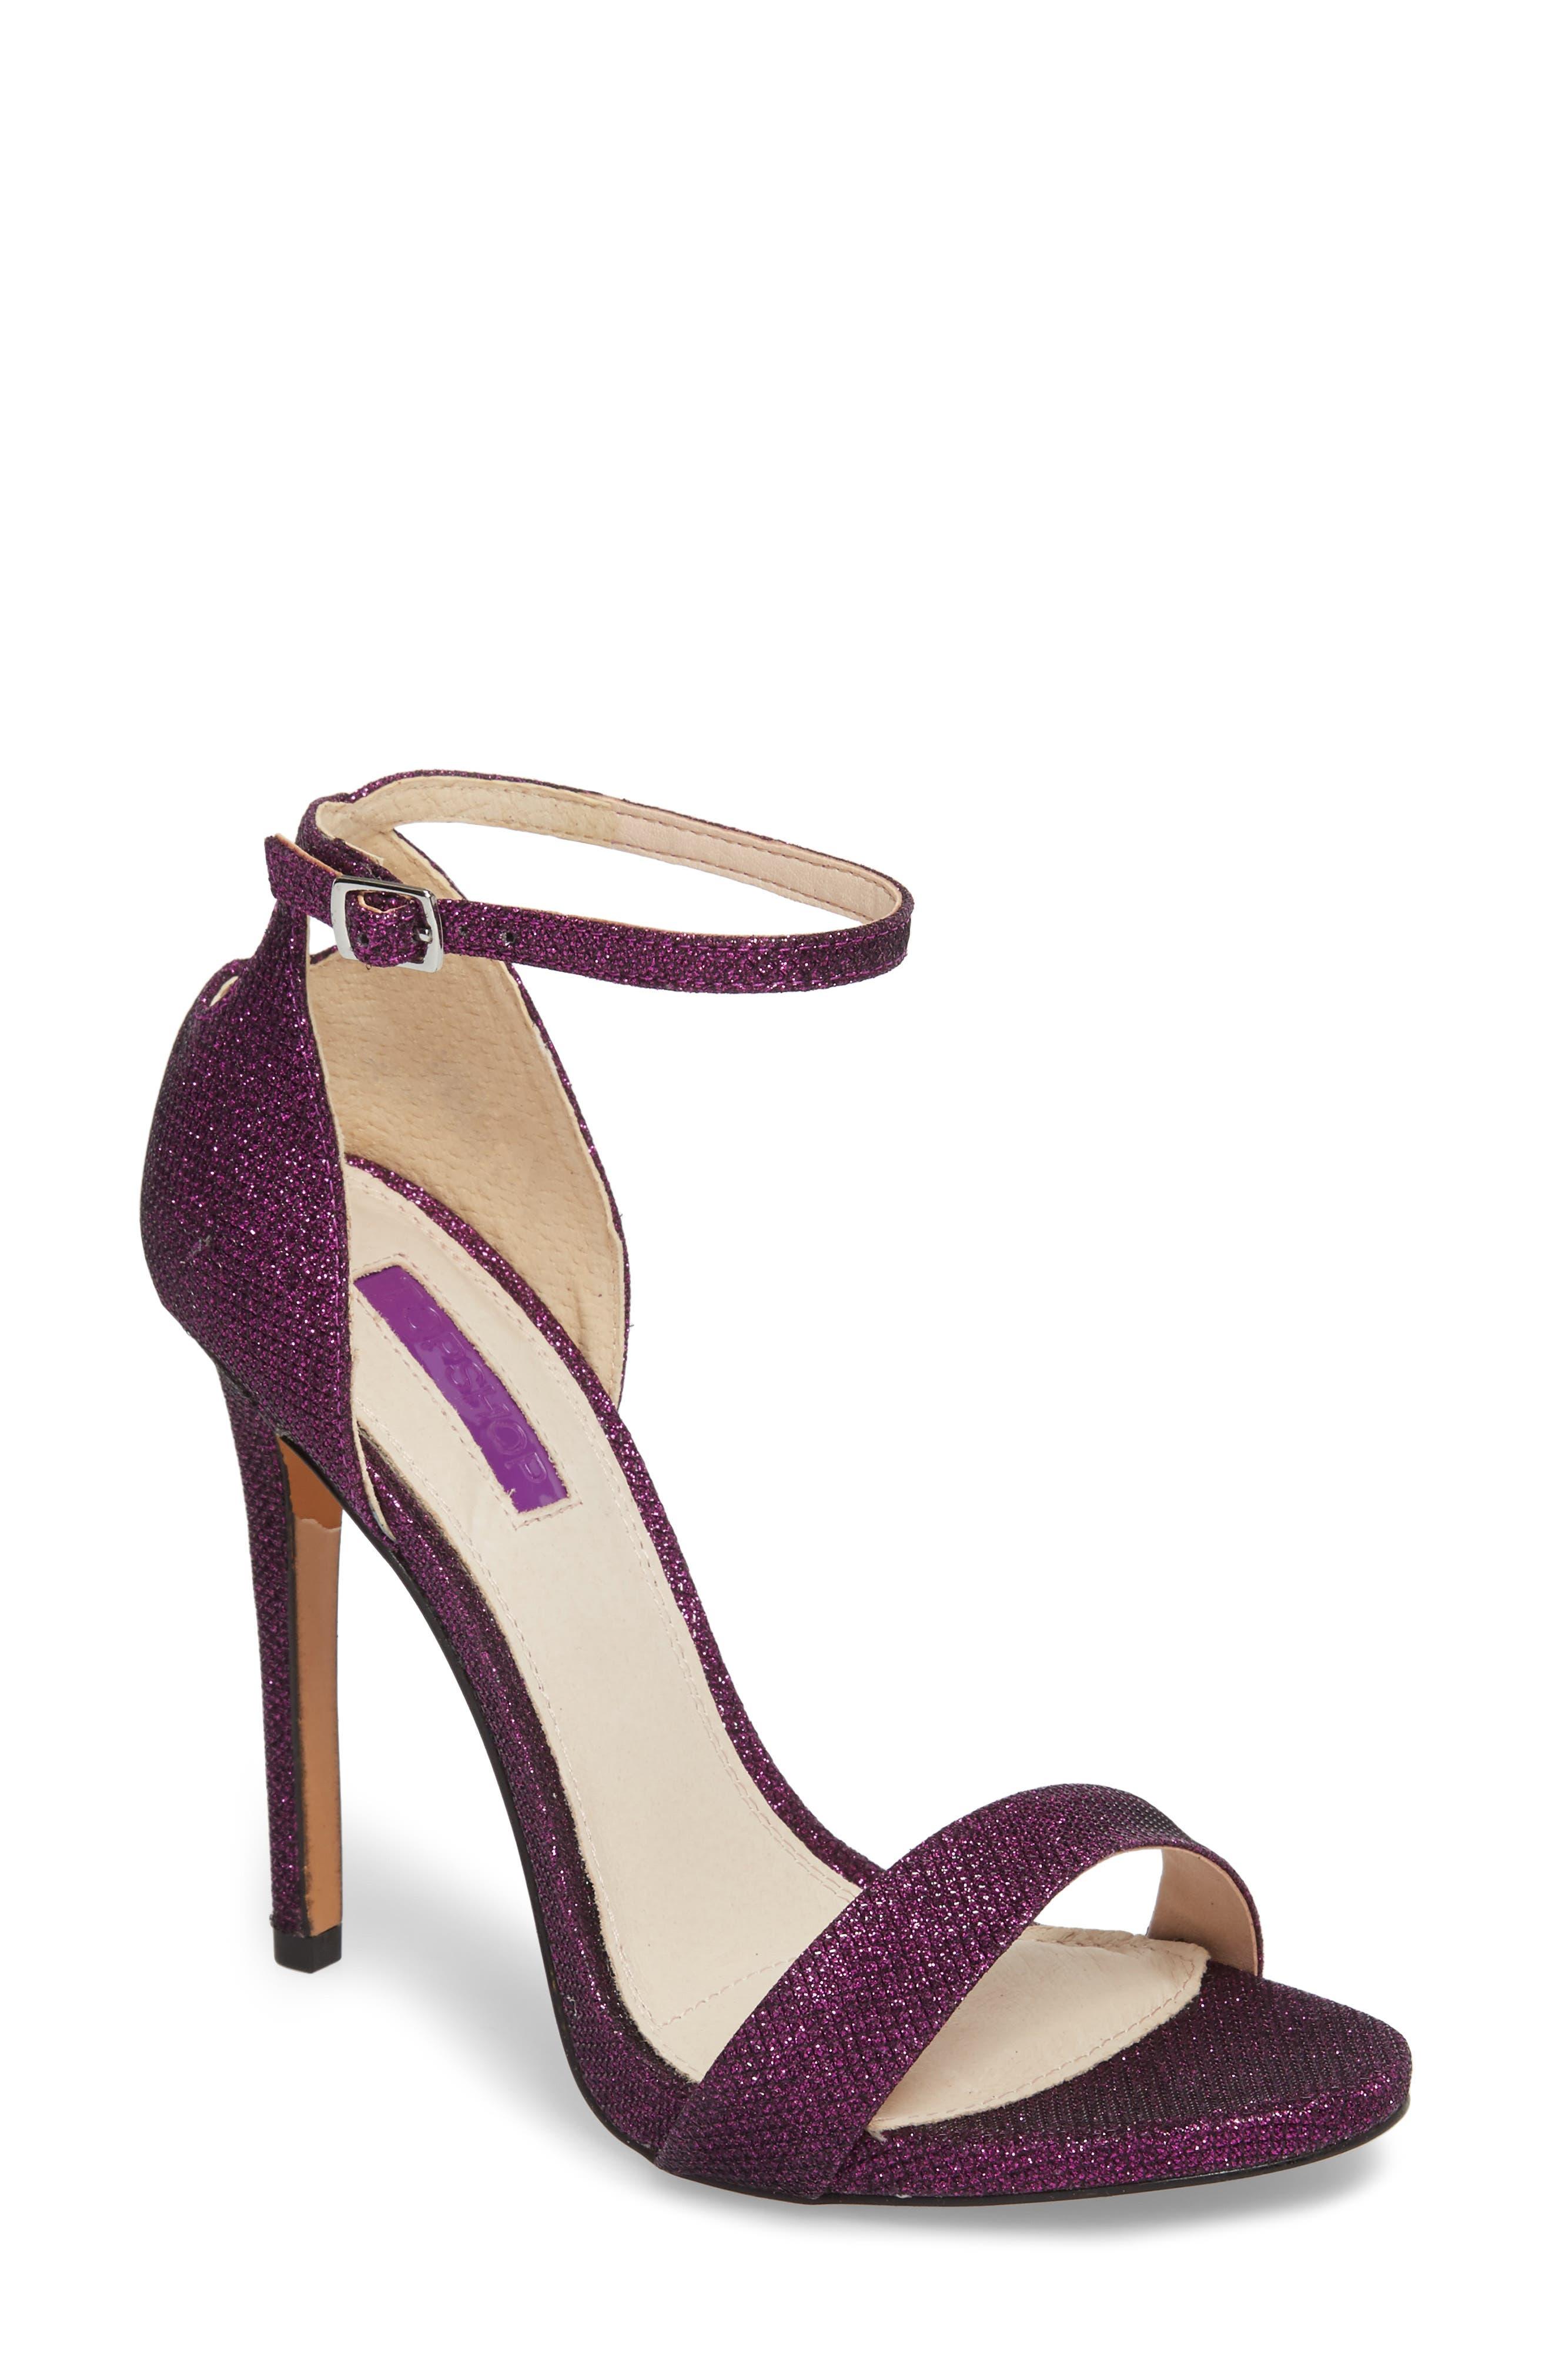 Raphie Ankle Strap Sandal,                             Main thumbnail 1, color,                             PURPLE